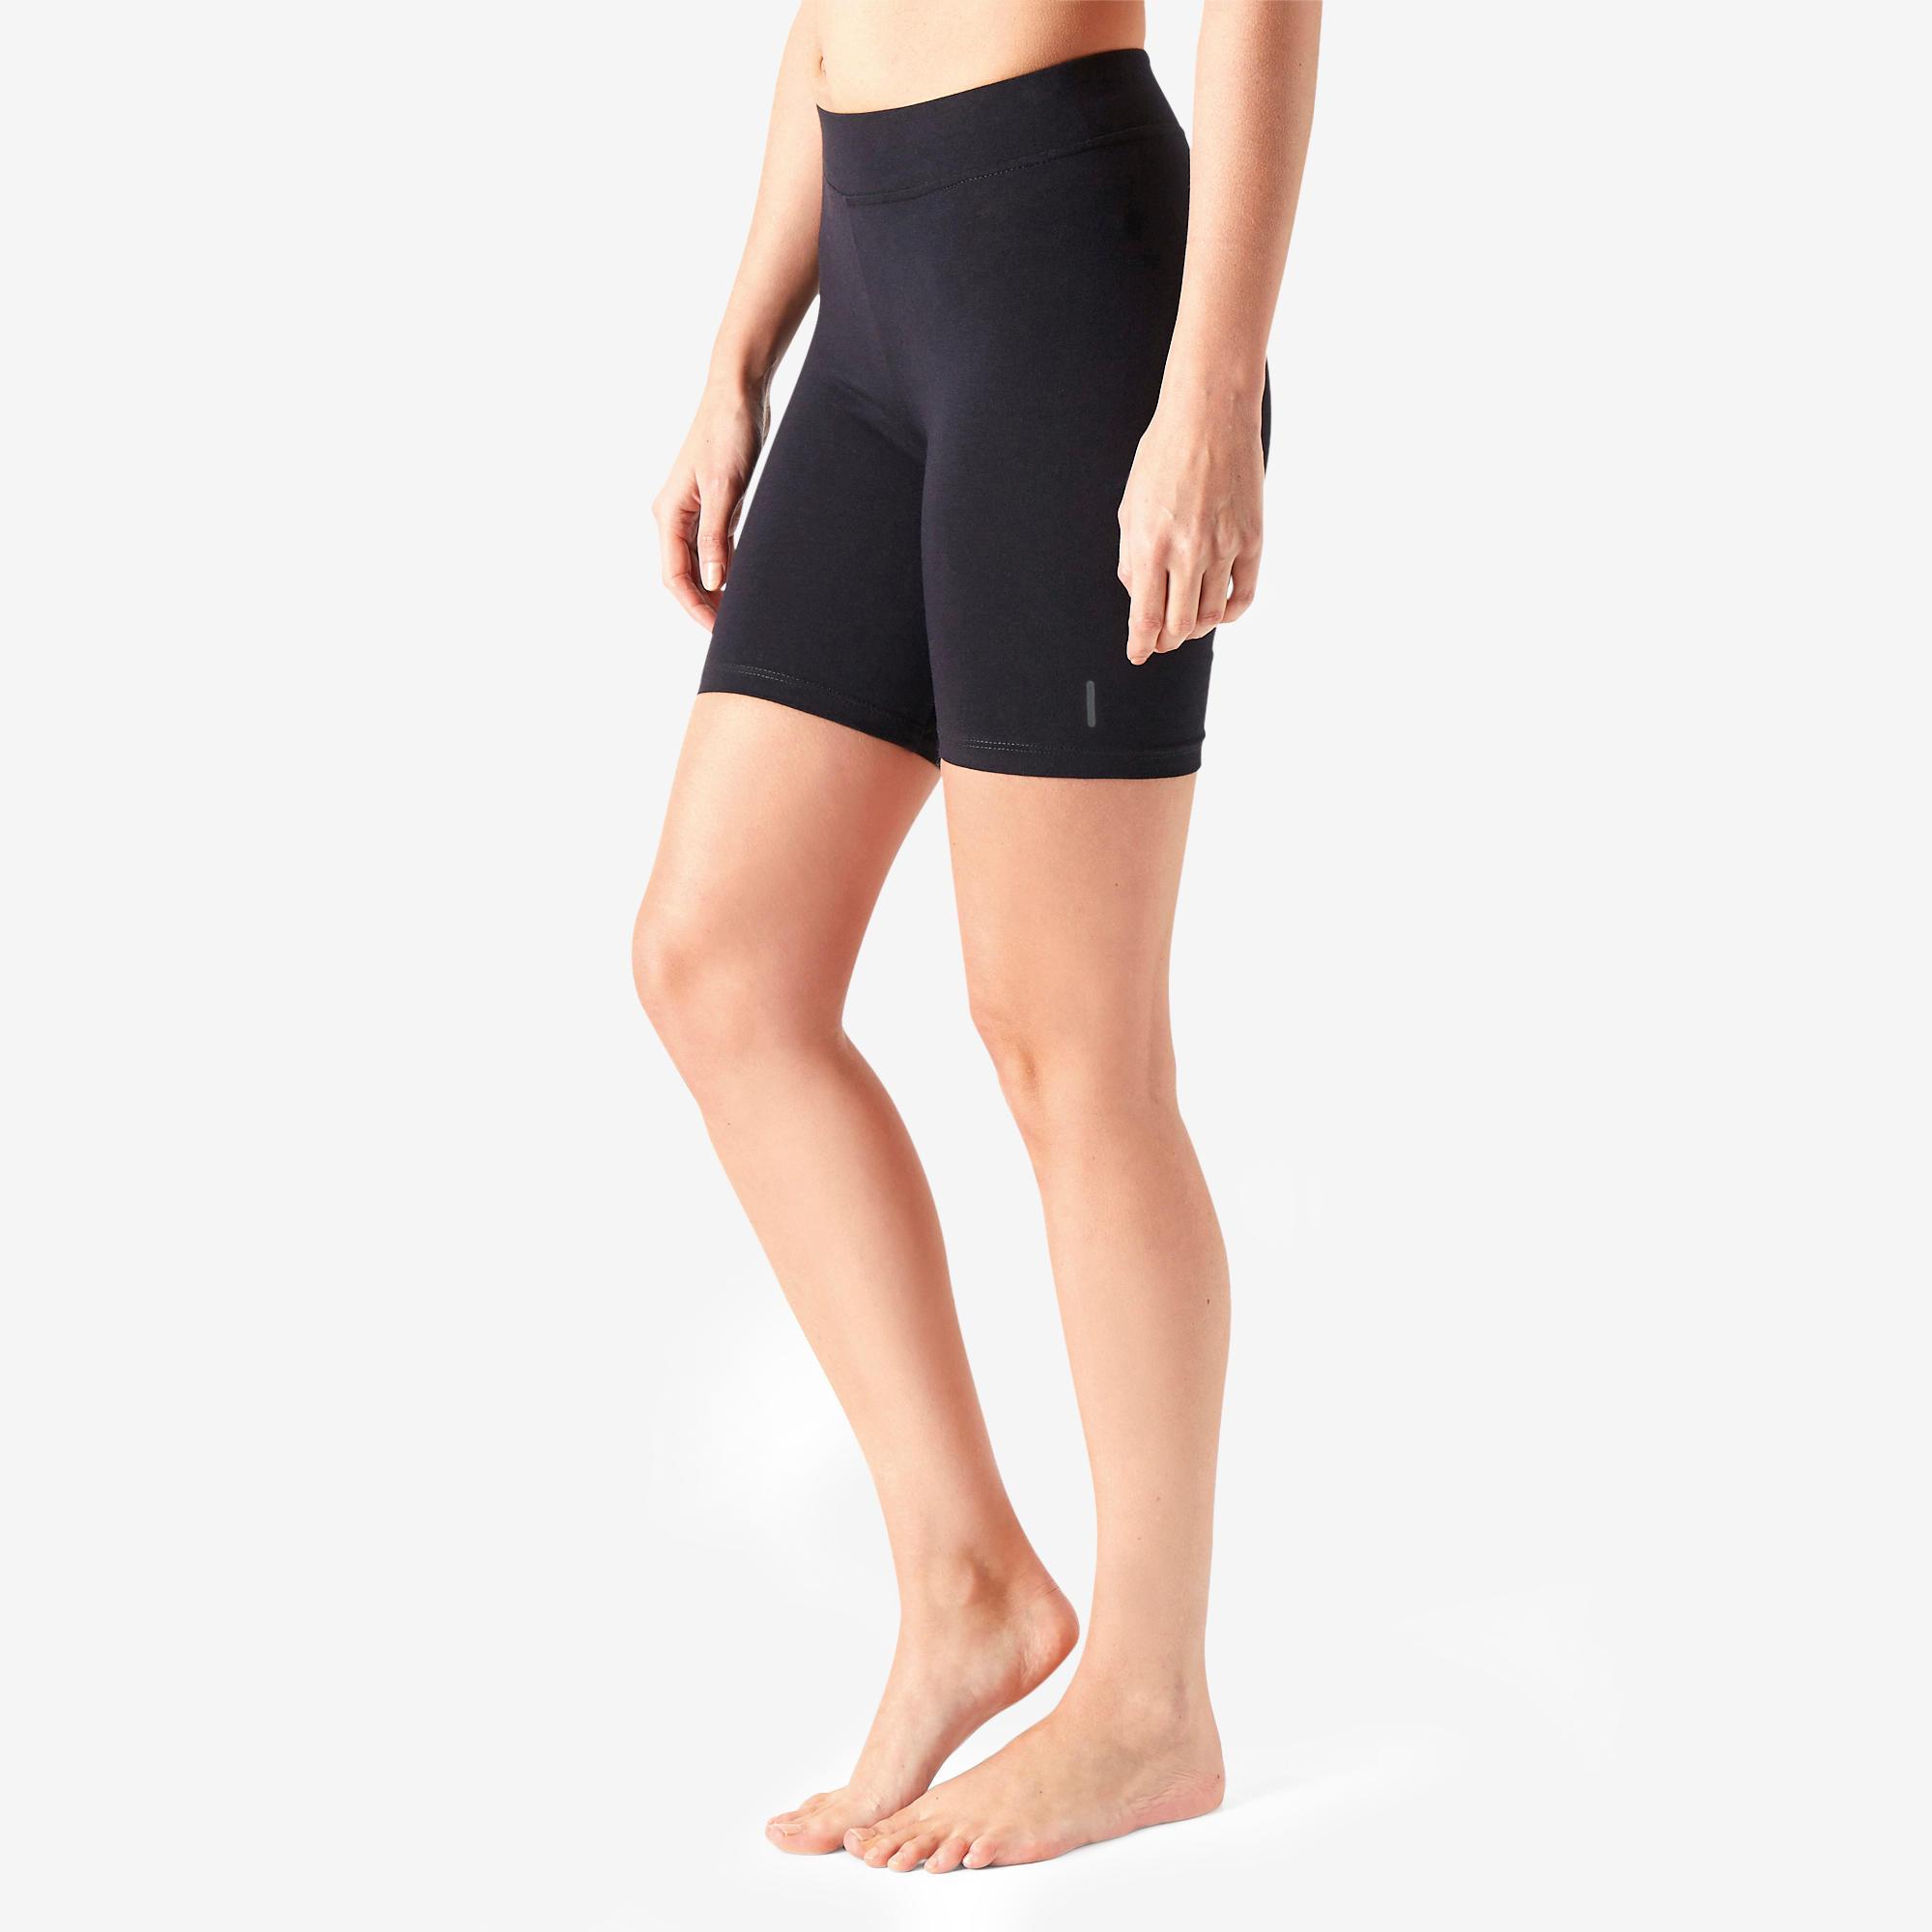 Nyamba Korte Tight Voor Dames 500 Zwart Decathlon